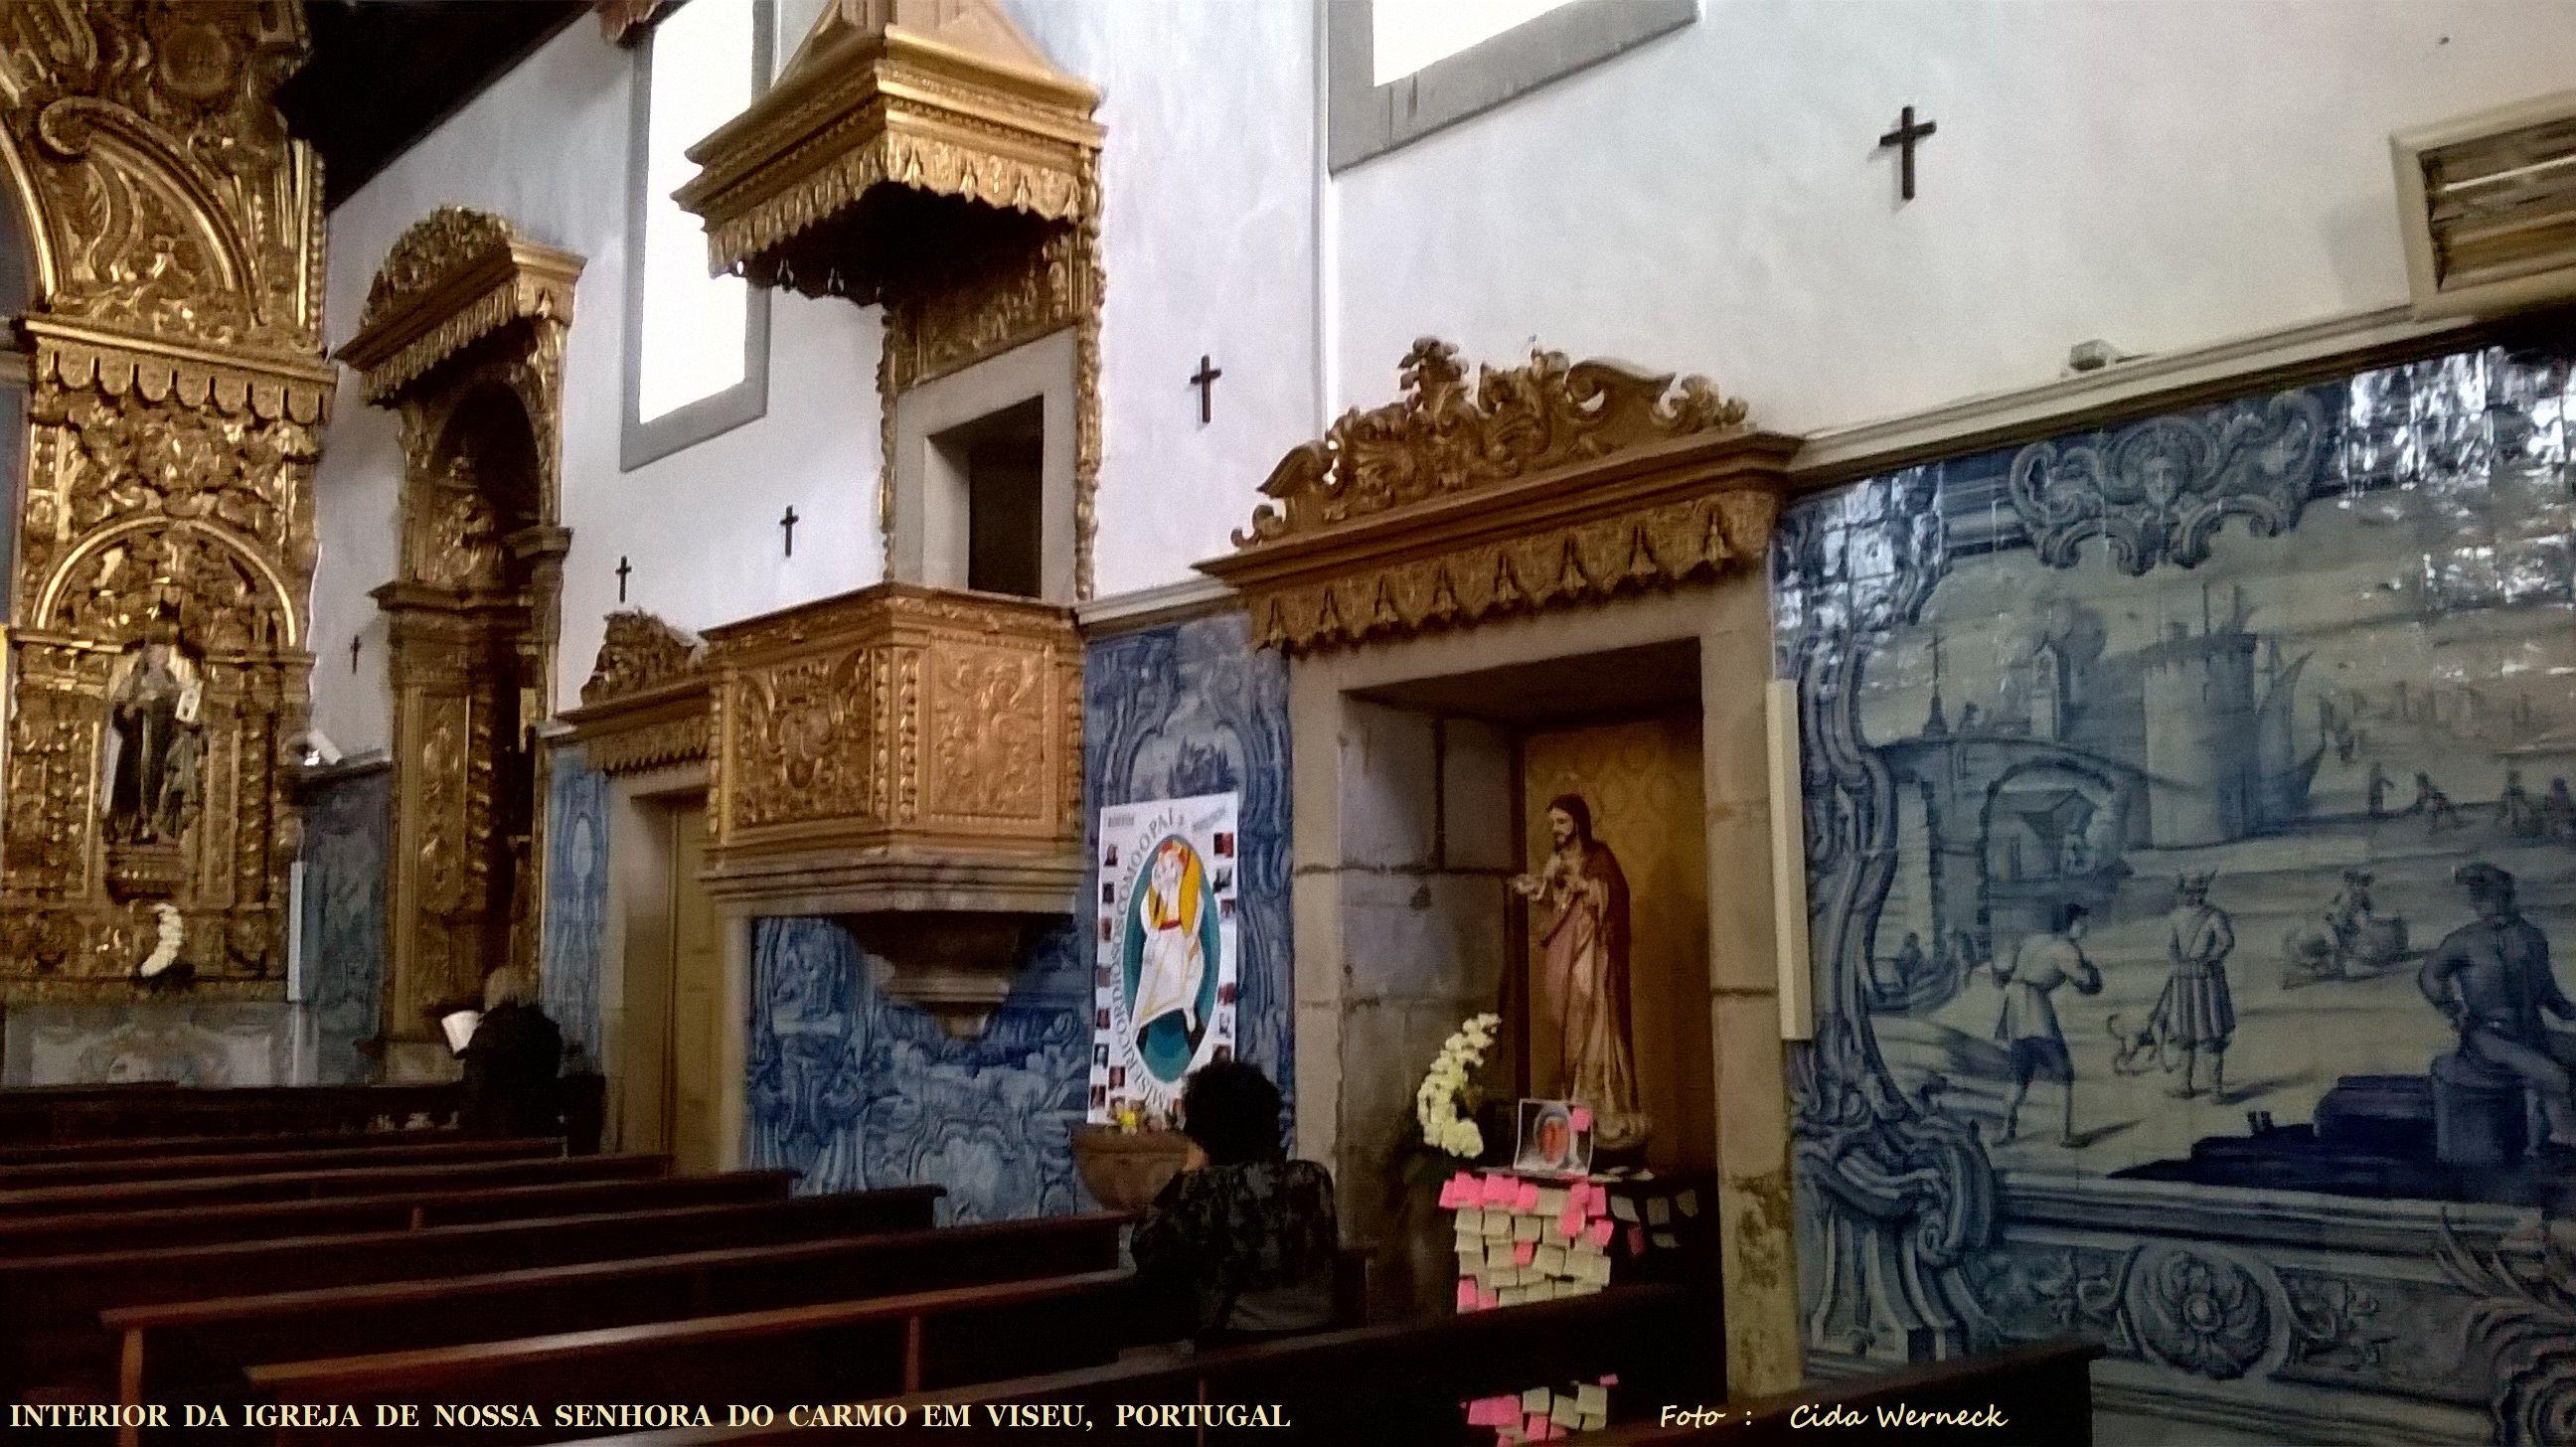 Interior da Igreja de Nossa Senhora do Carmo em Viseu,Portugal Foto: Cida Werneck.  https://www.facebook.com/meuolharPortugal/?ref=aymt_homepage_panel#